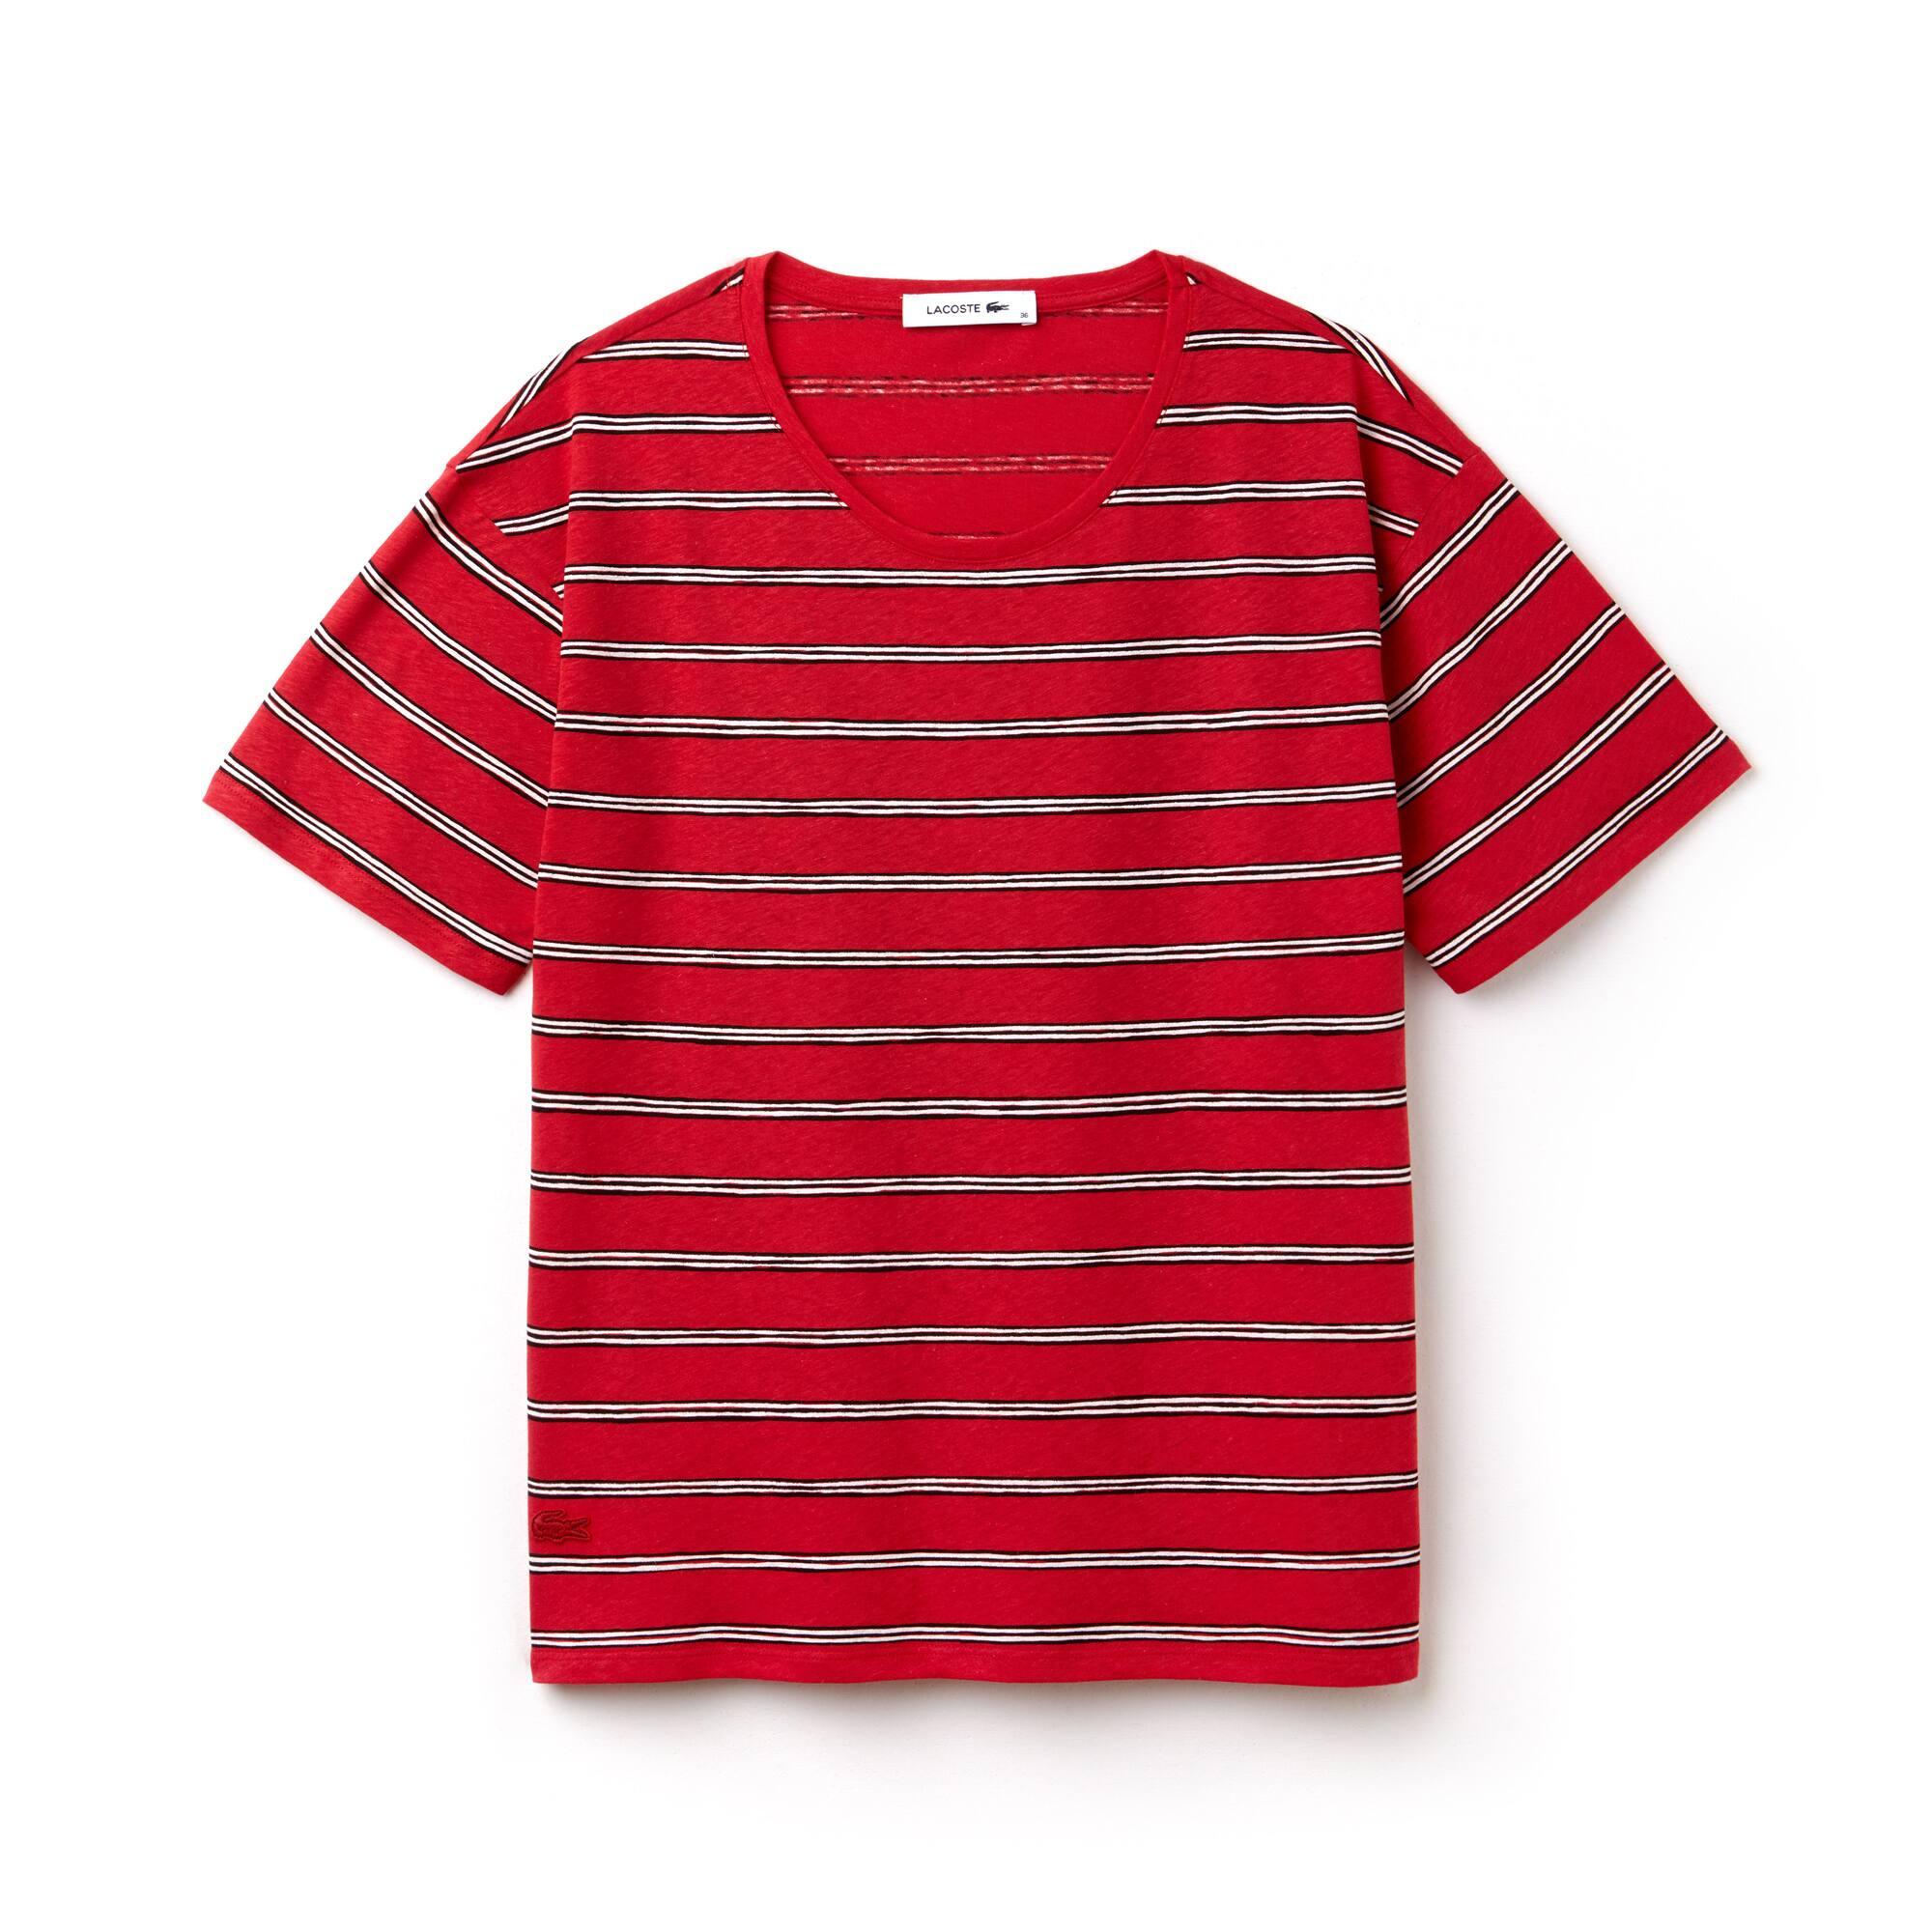 Damen Jersey T-Shirt mit weitem Rundhals und Streifendesign